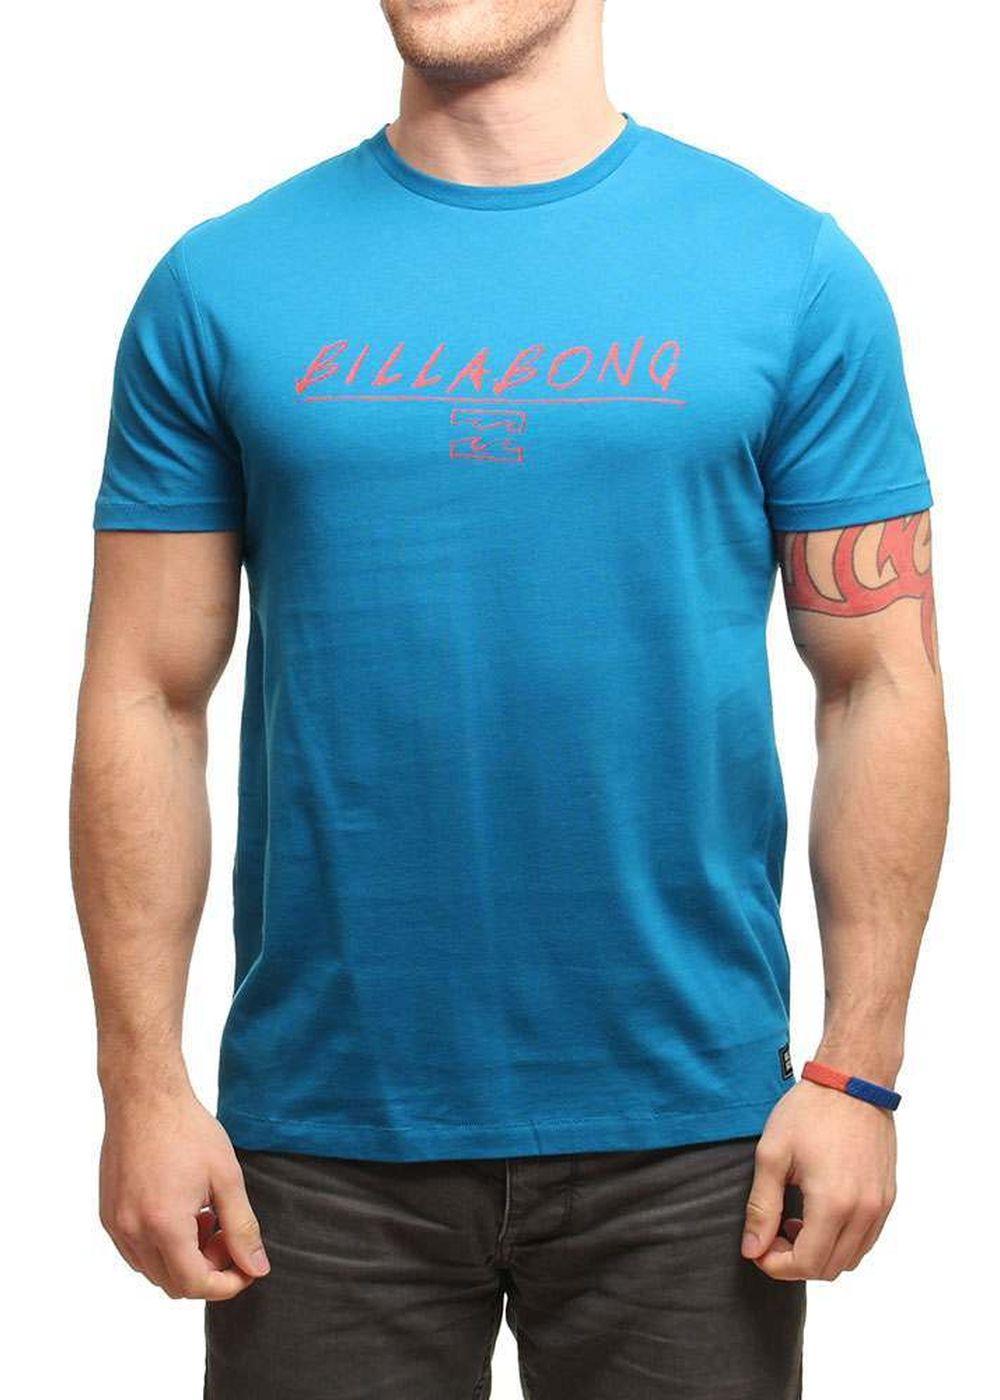 BILLABONG FREADMAN TEE Bright Blue